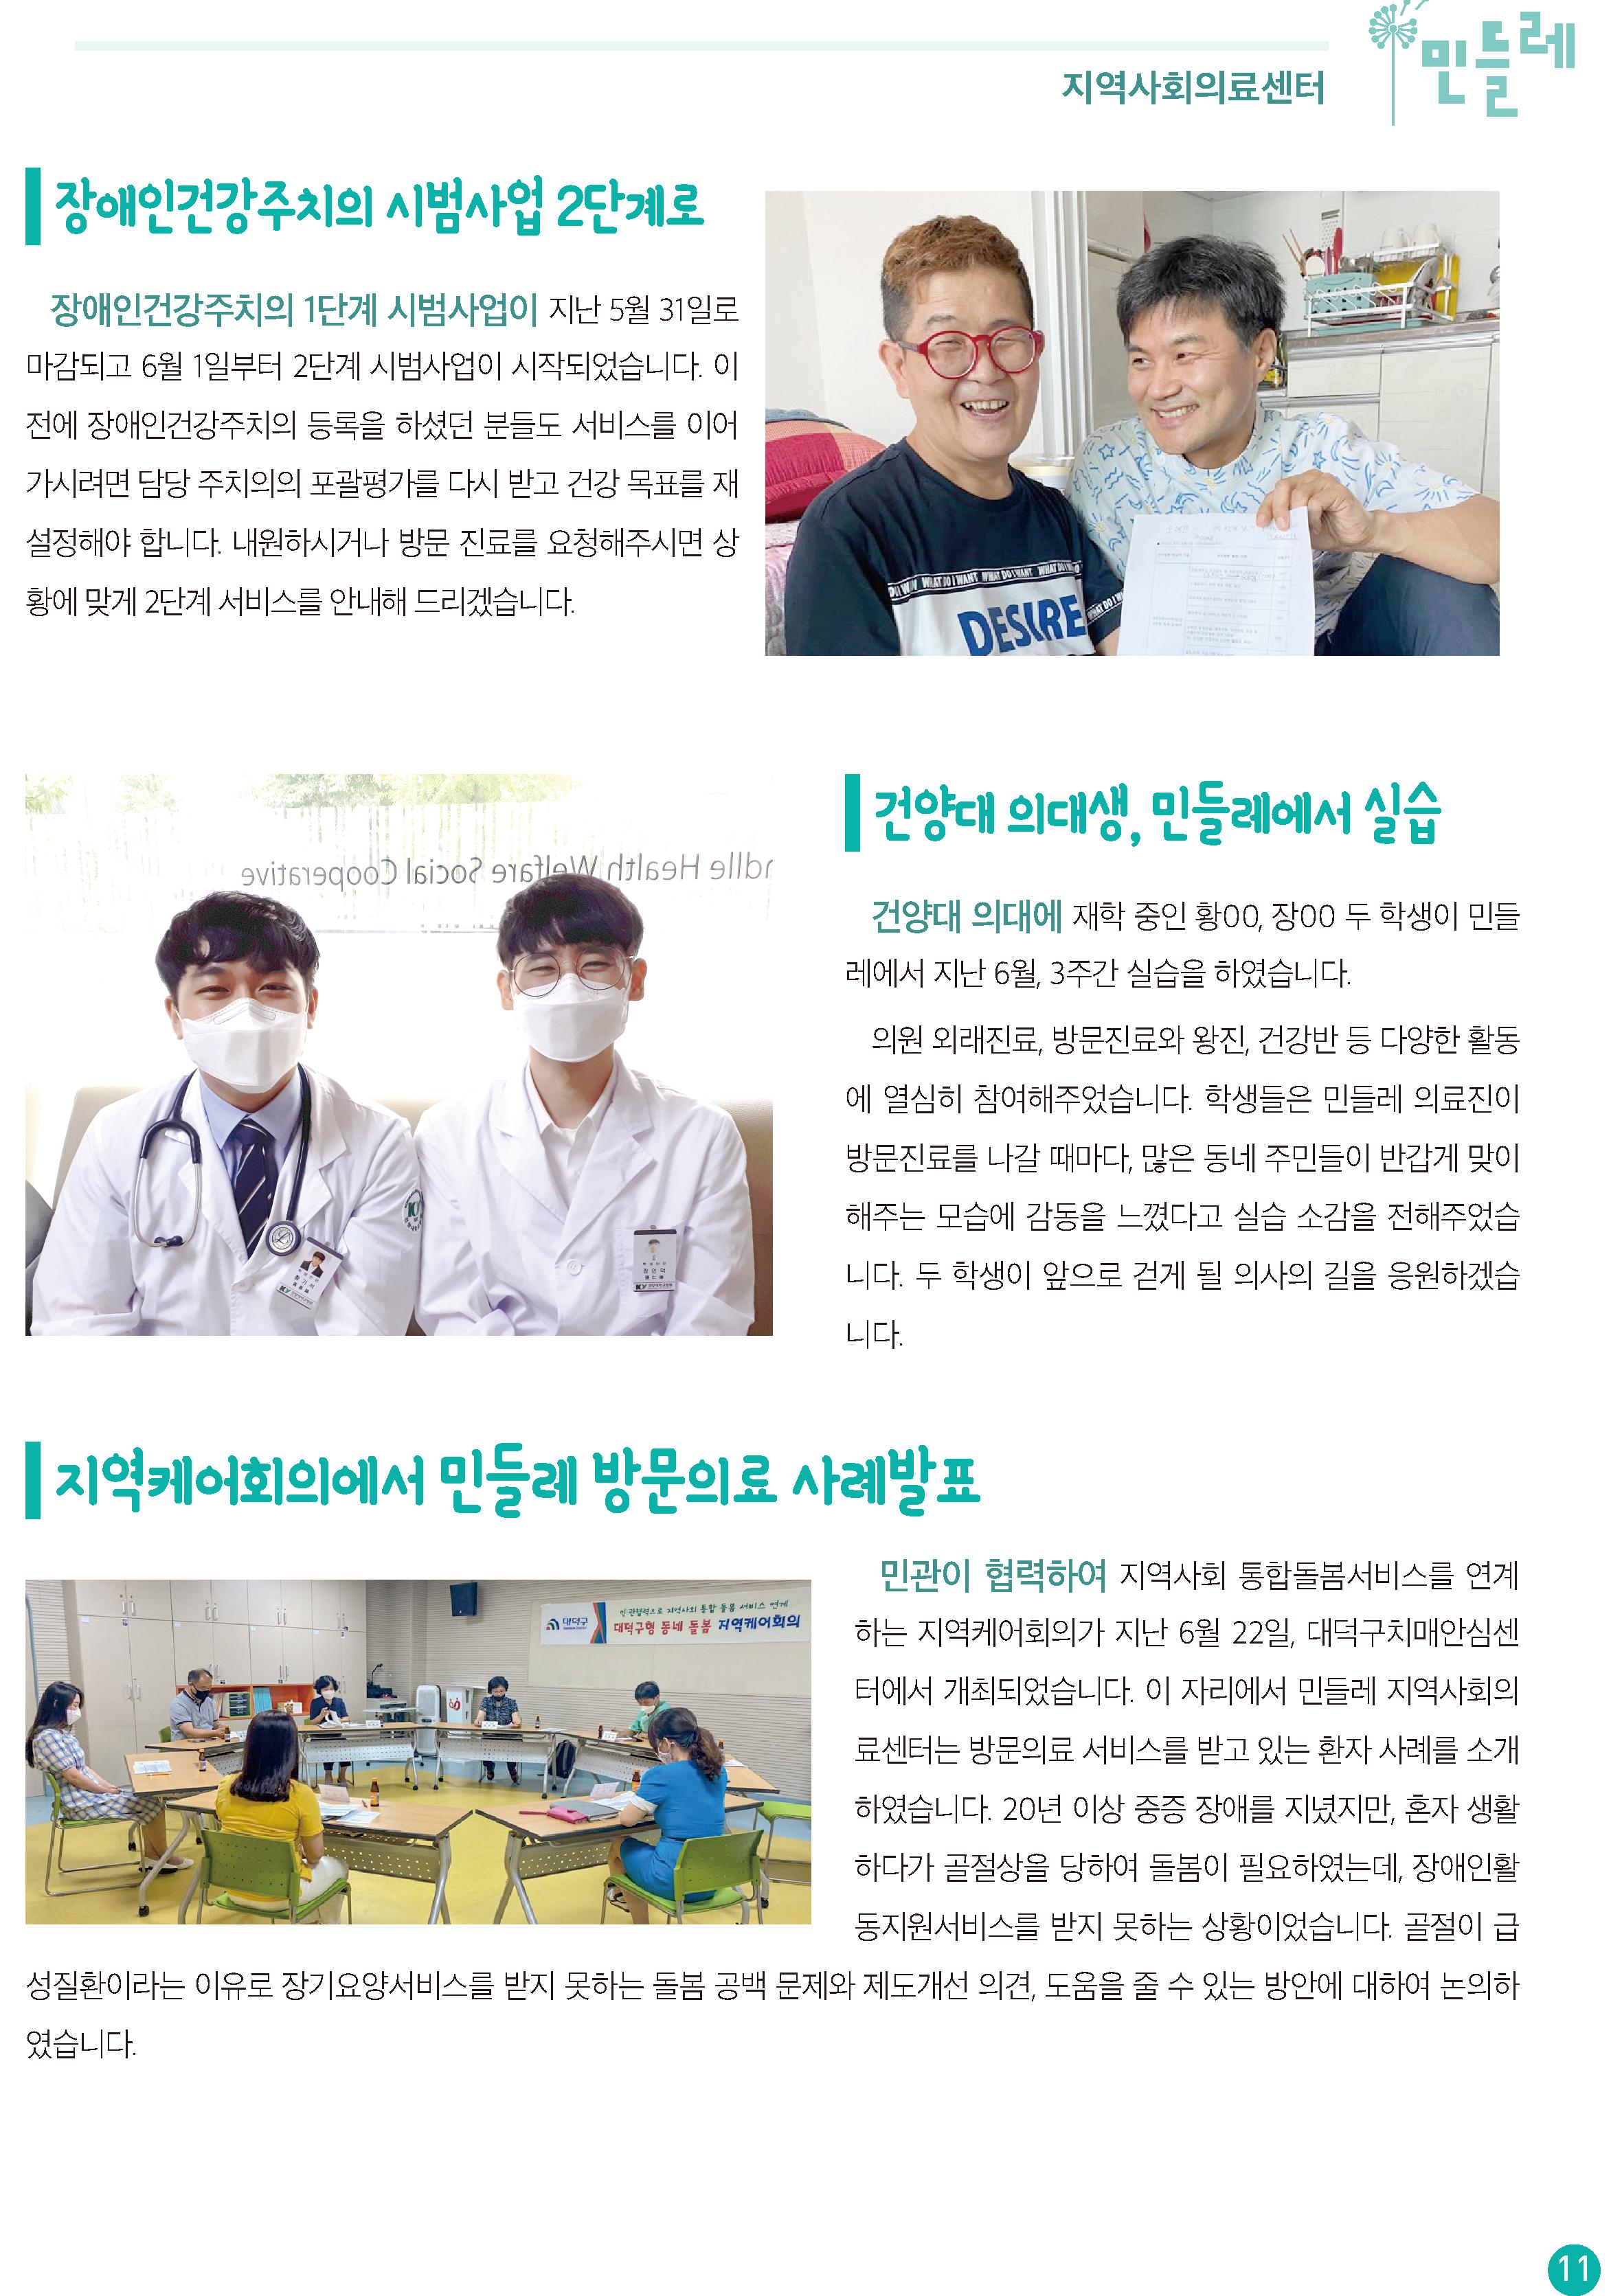 민들레 소식지8월호 시안(최종)-11.png